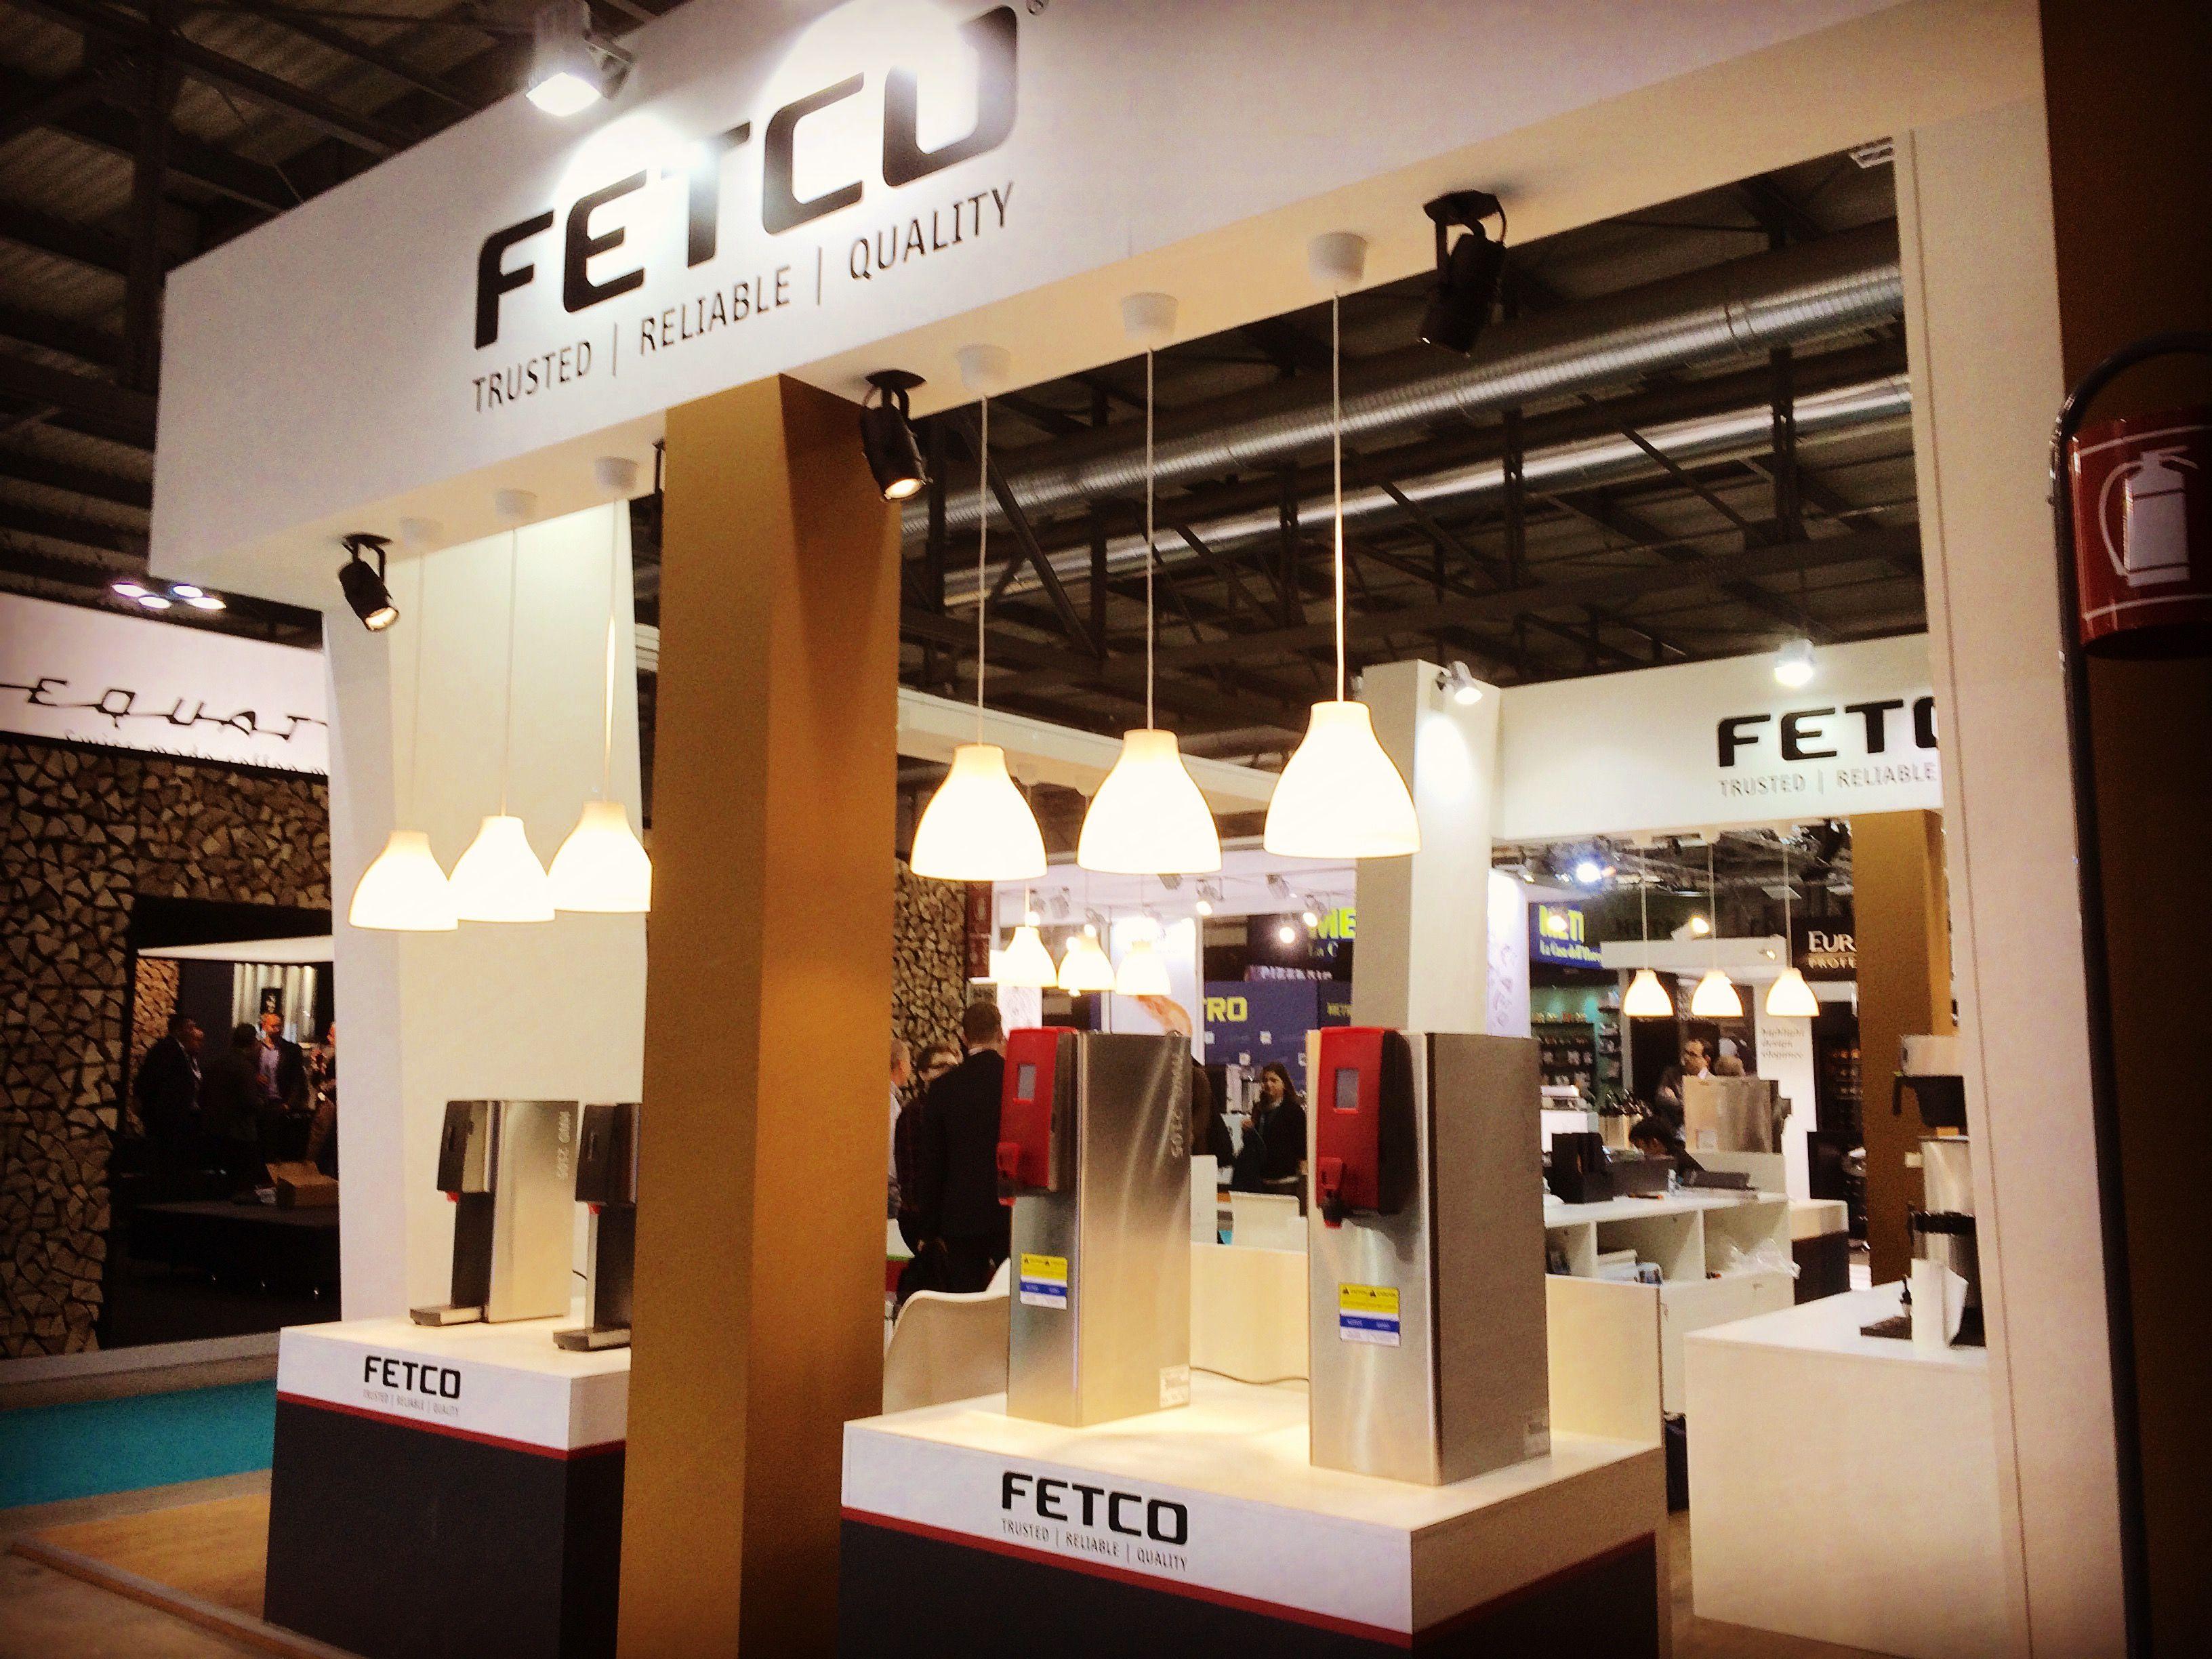 Fetco #fetco #usa #hostmilano2015 #hostmilano #standdesign #design #tradefair #exhibition #milano #exhibitionstanddesign #2015